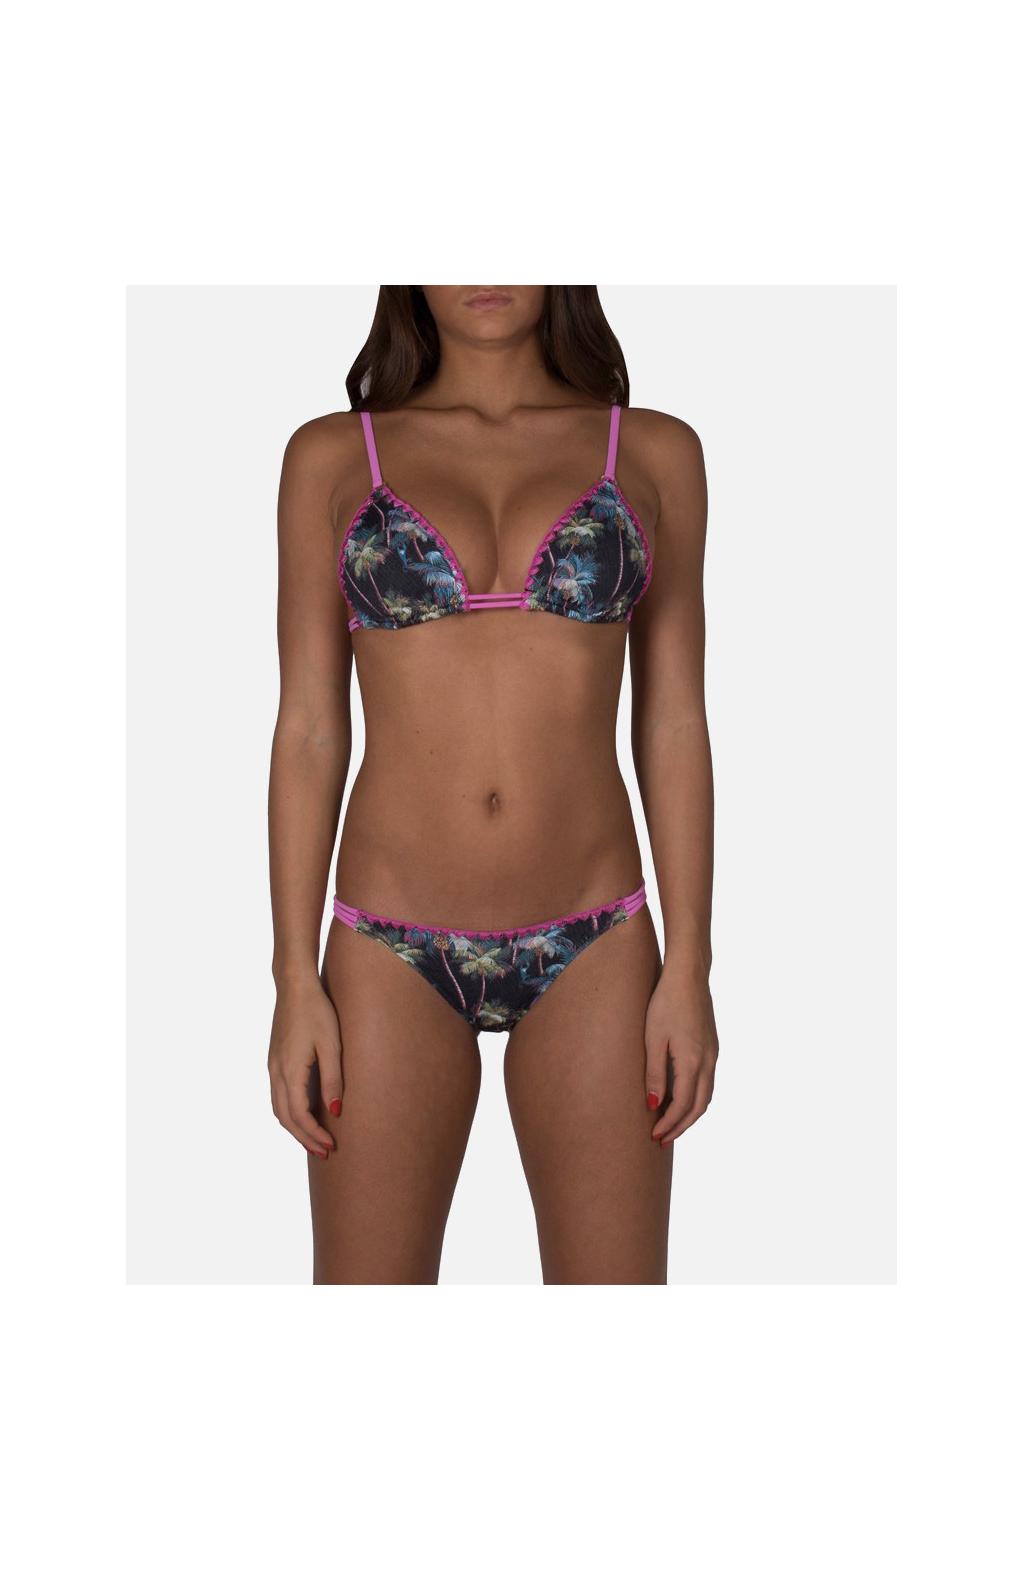 Saldi costumi da bagno e bikini outlet e offerte griffe - Costumi da bagno pin up ...